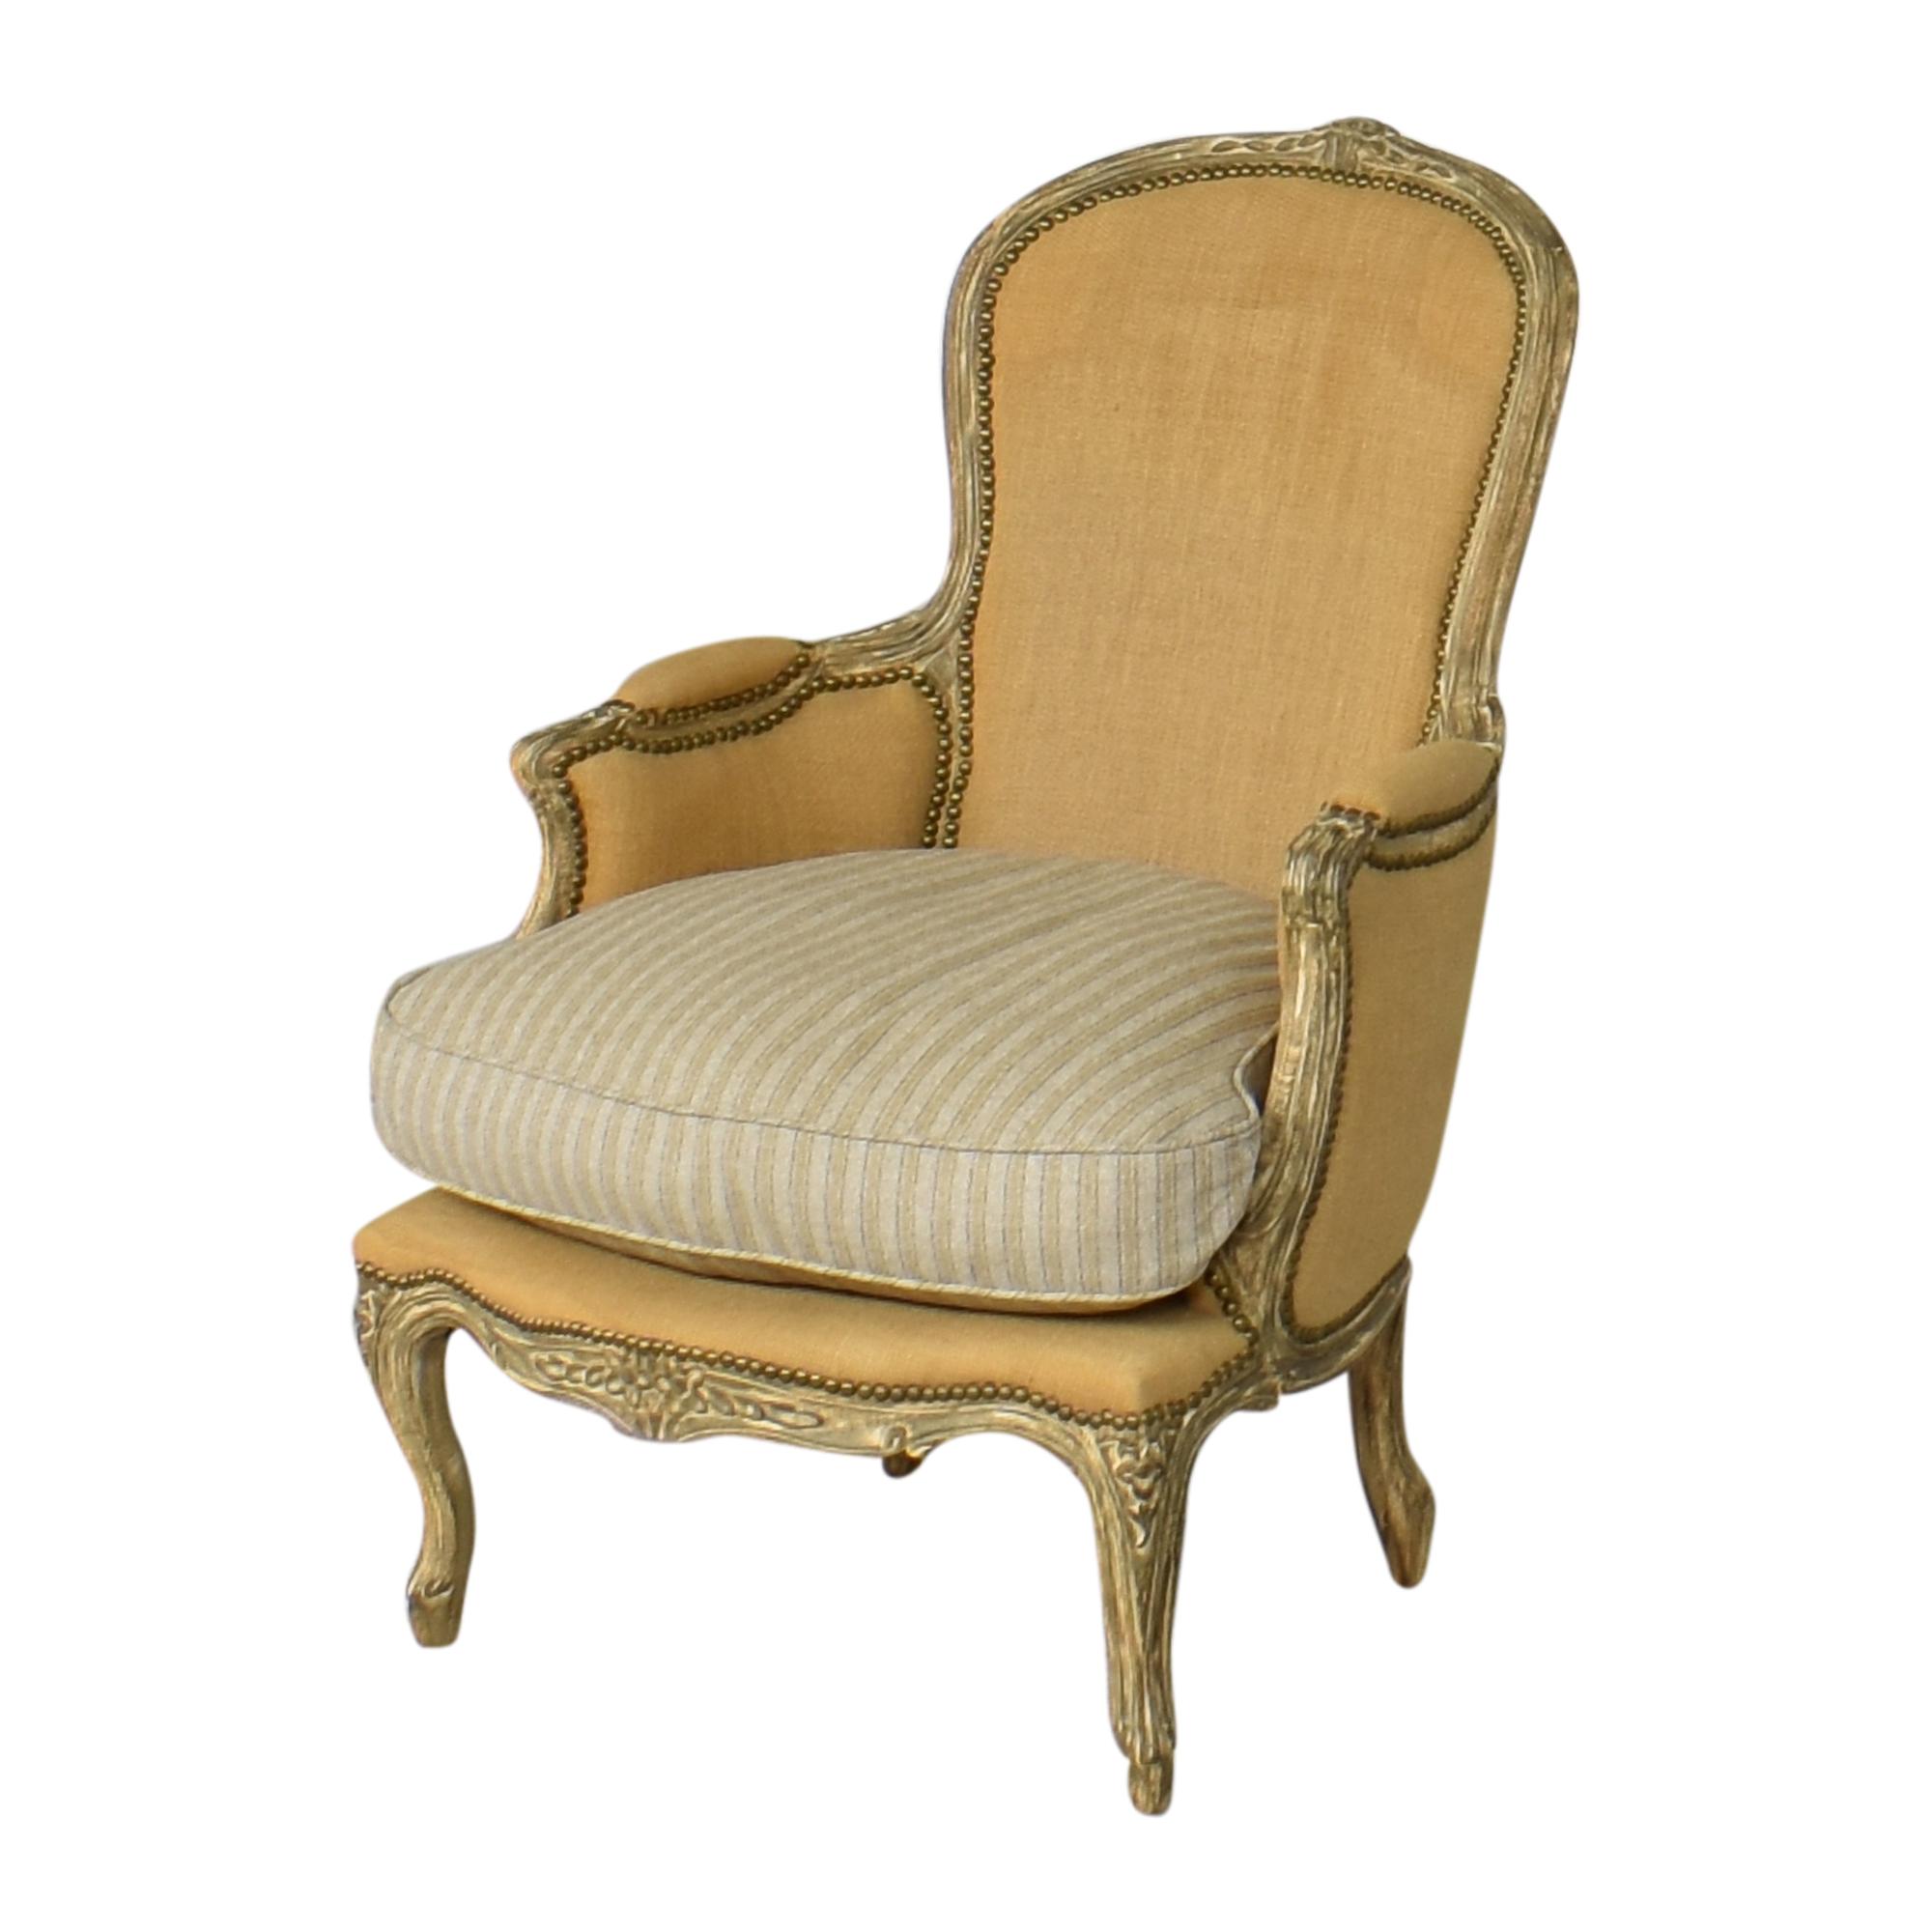 shop Arhaus Arhaus Charlotte Chair online